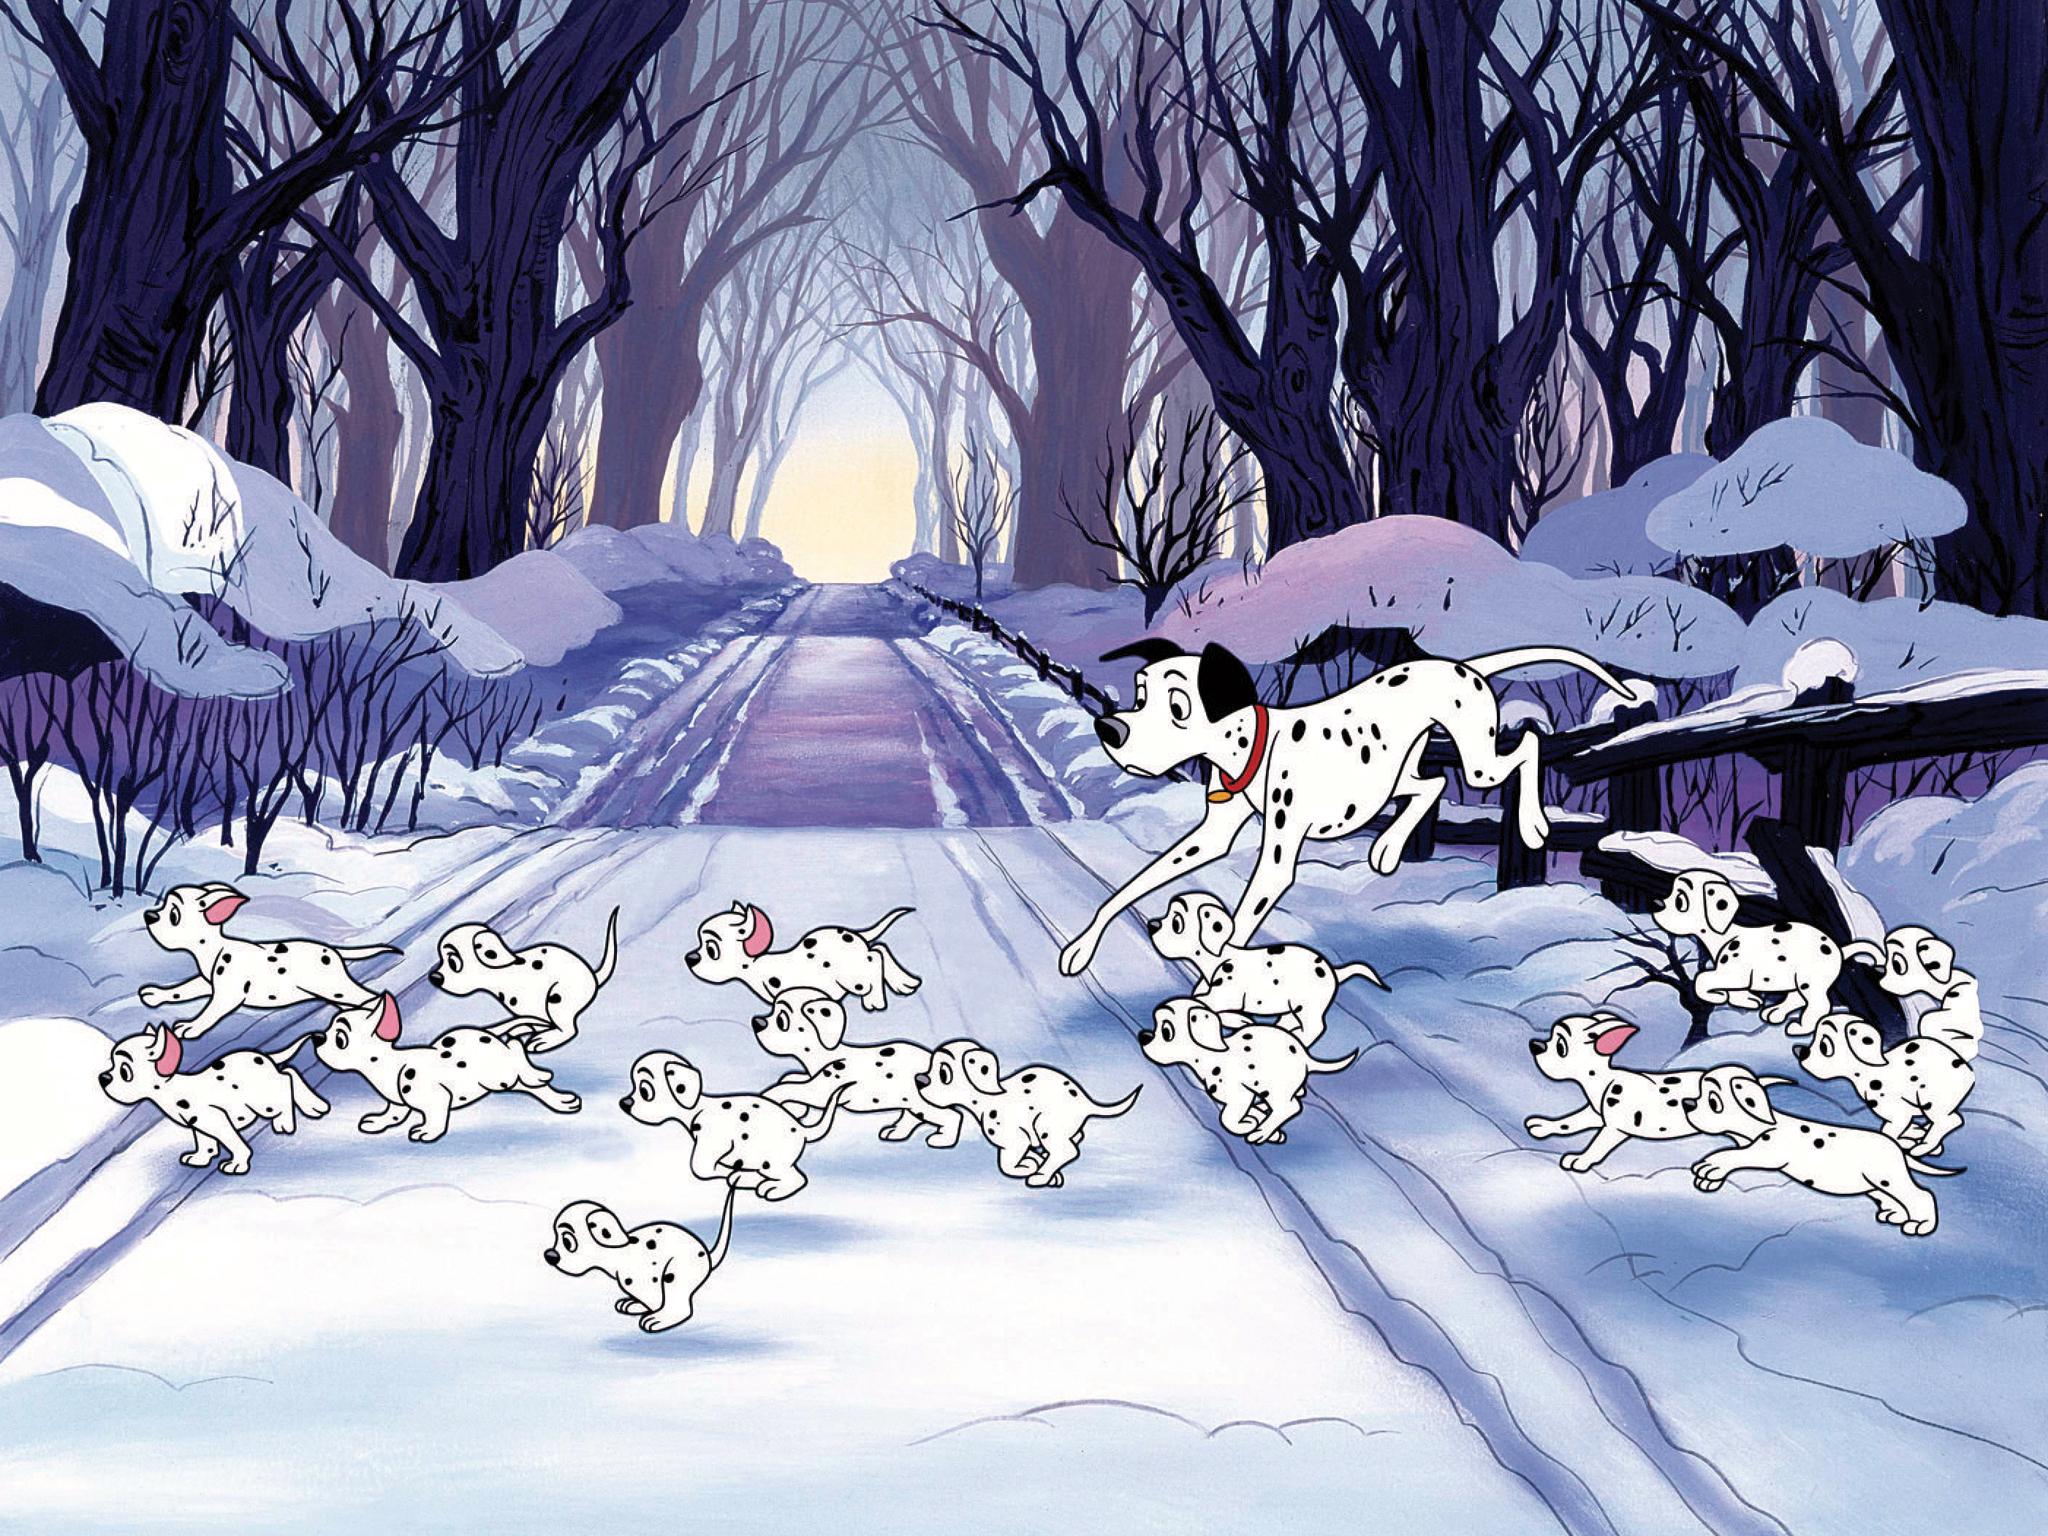 August 4, 101 Dalmatians